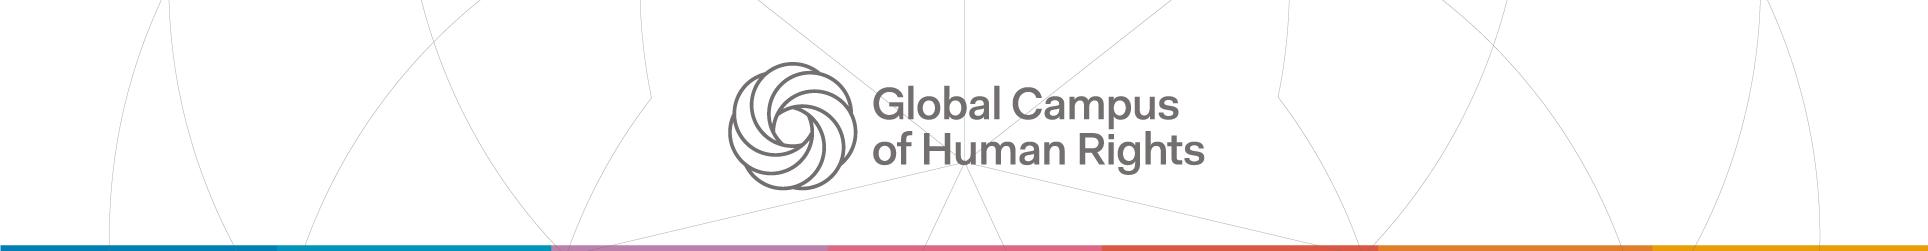 CAMPUS GLOBAL DE DERECHOS HUMANOS